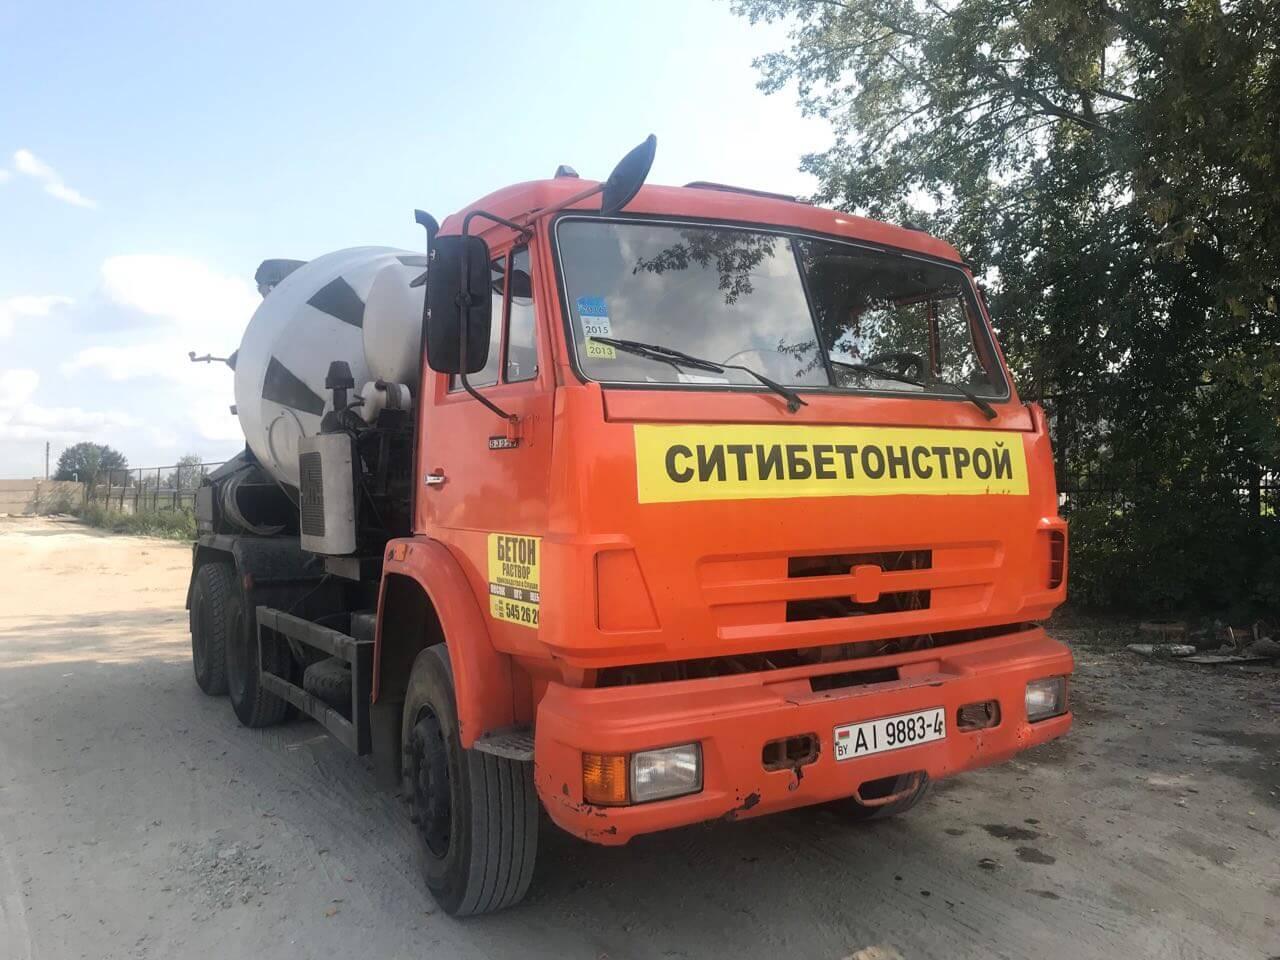 Бетон копыль купить бетон в истоке с доставкой цена